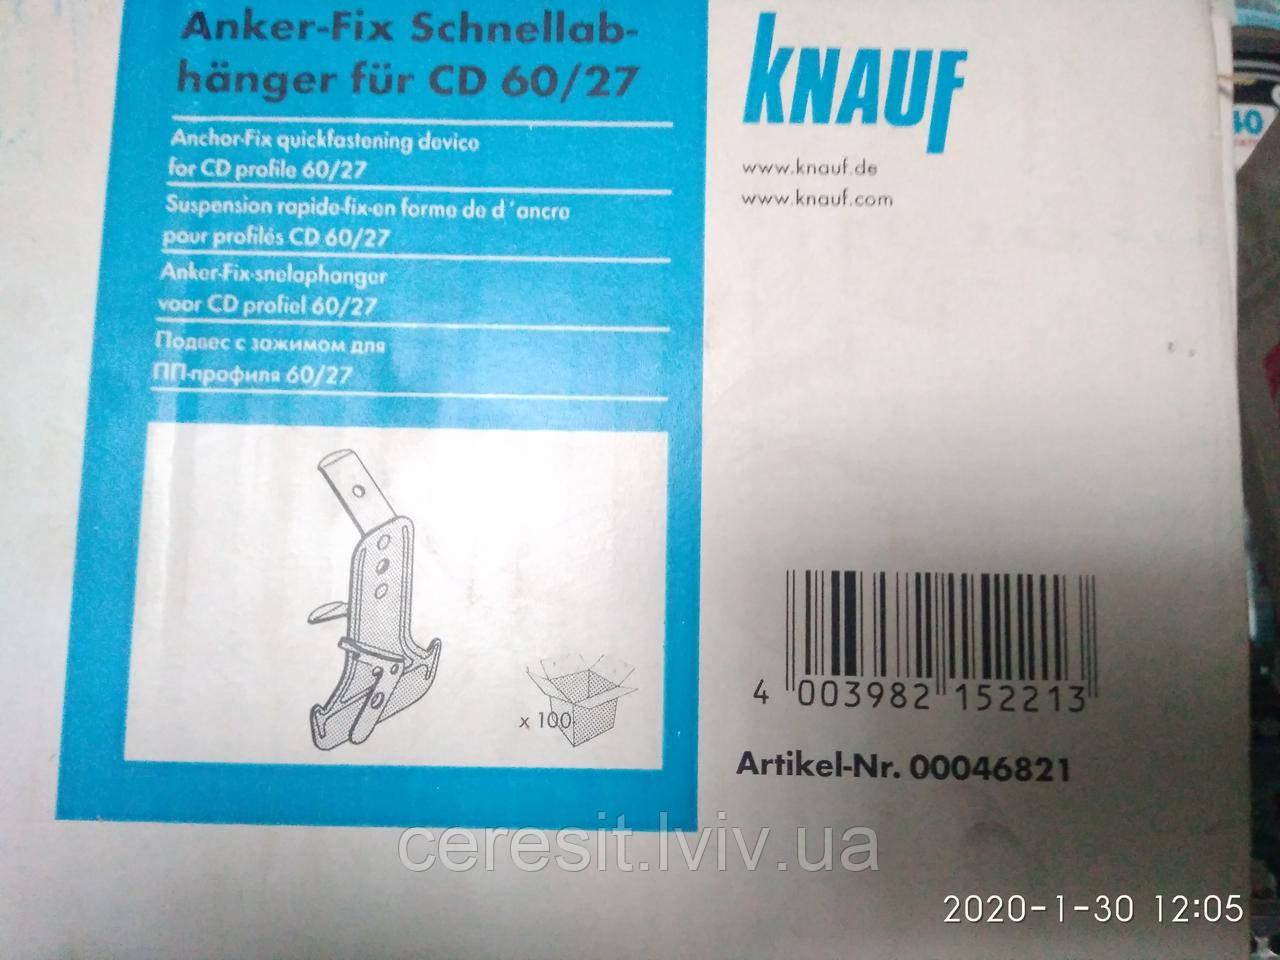 Підвіс швидкого монтажу анкерний Knauf для CD60 профіля